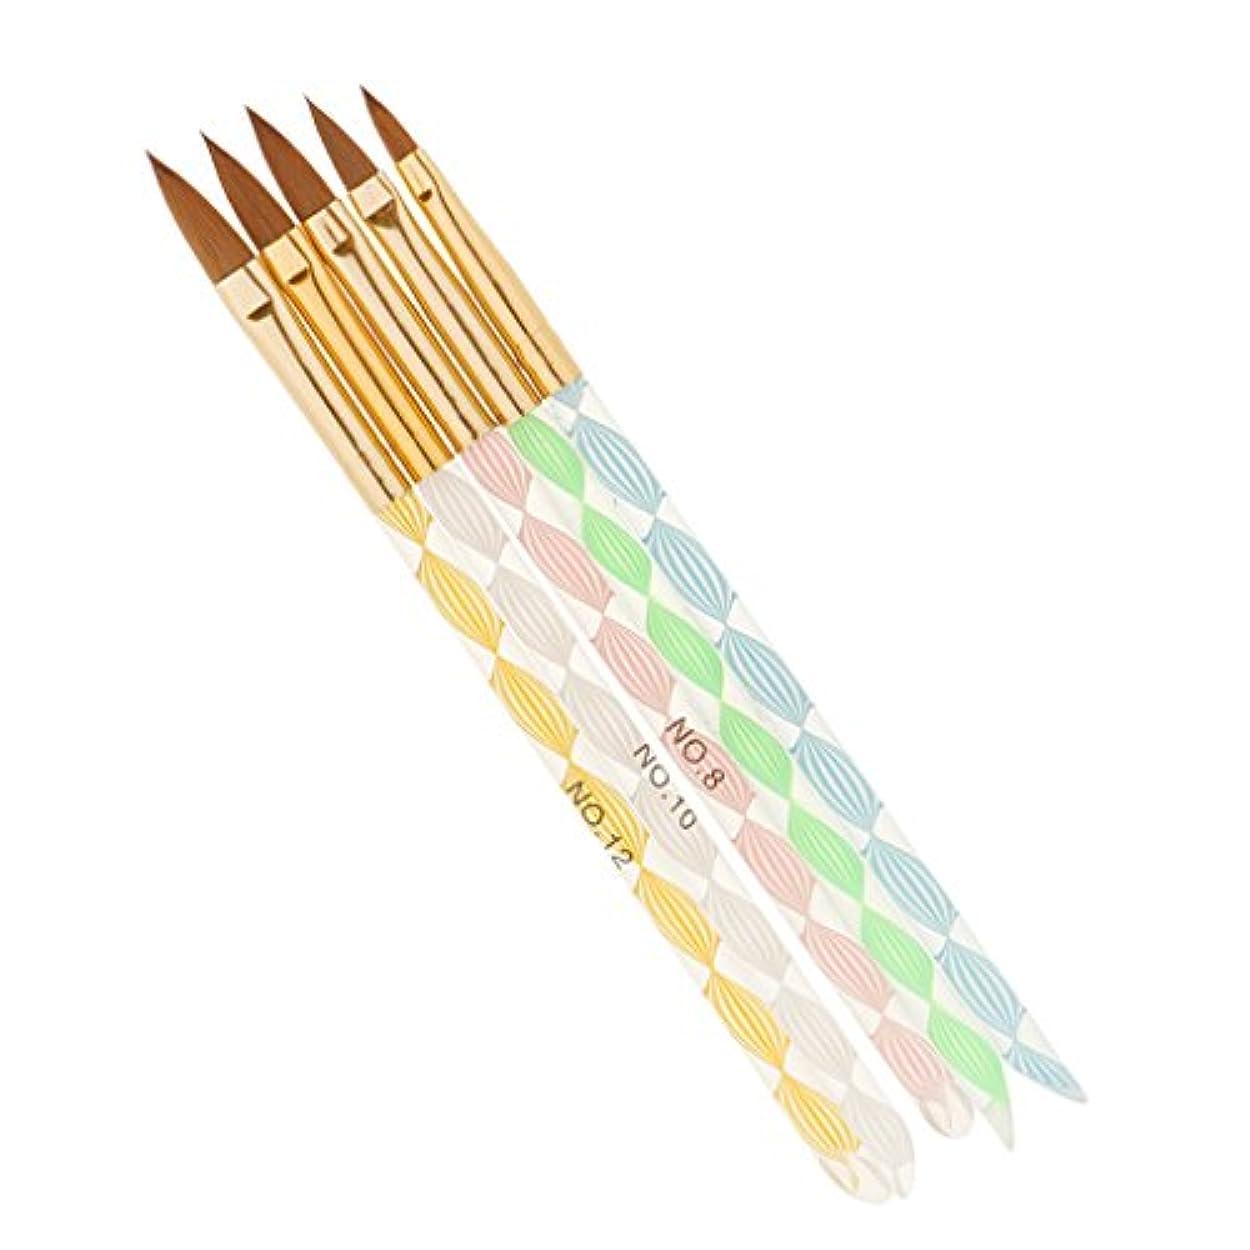 作曲する環境嫌な5本 ネイルアート デザイン ブラシキット マニキュアツール 絵画 描画 磨き ブラシ